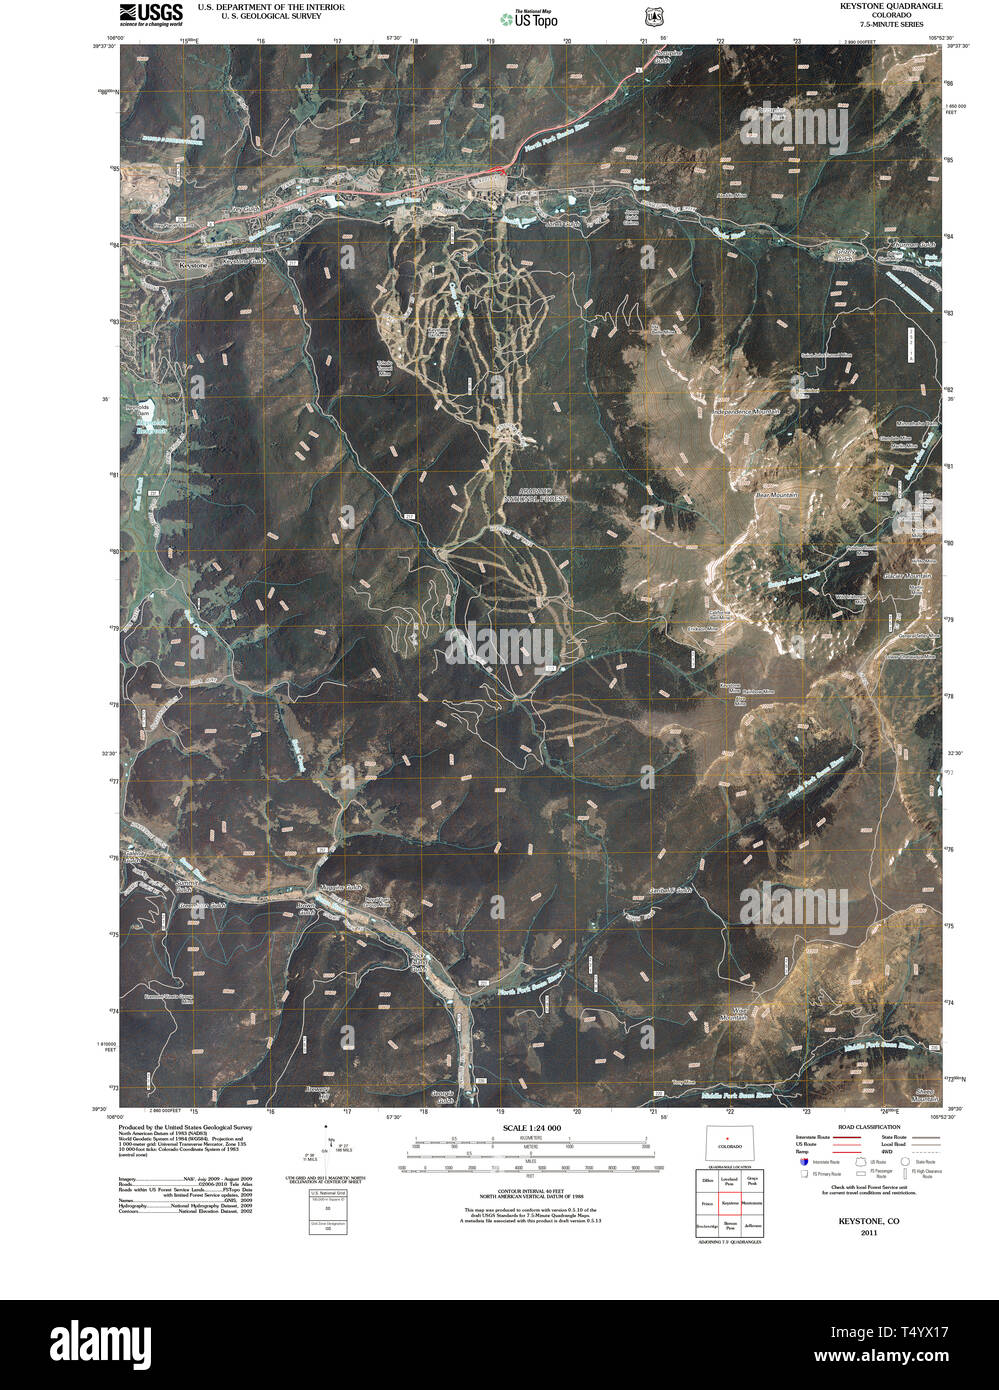 on keystone map